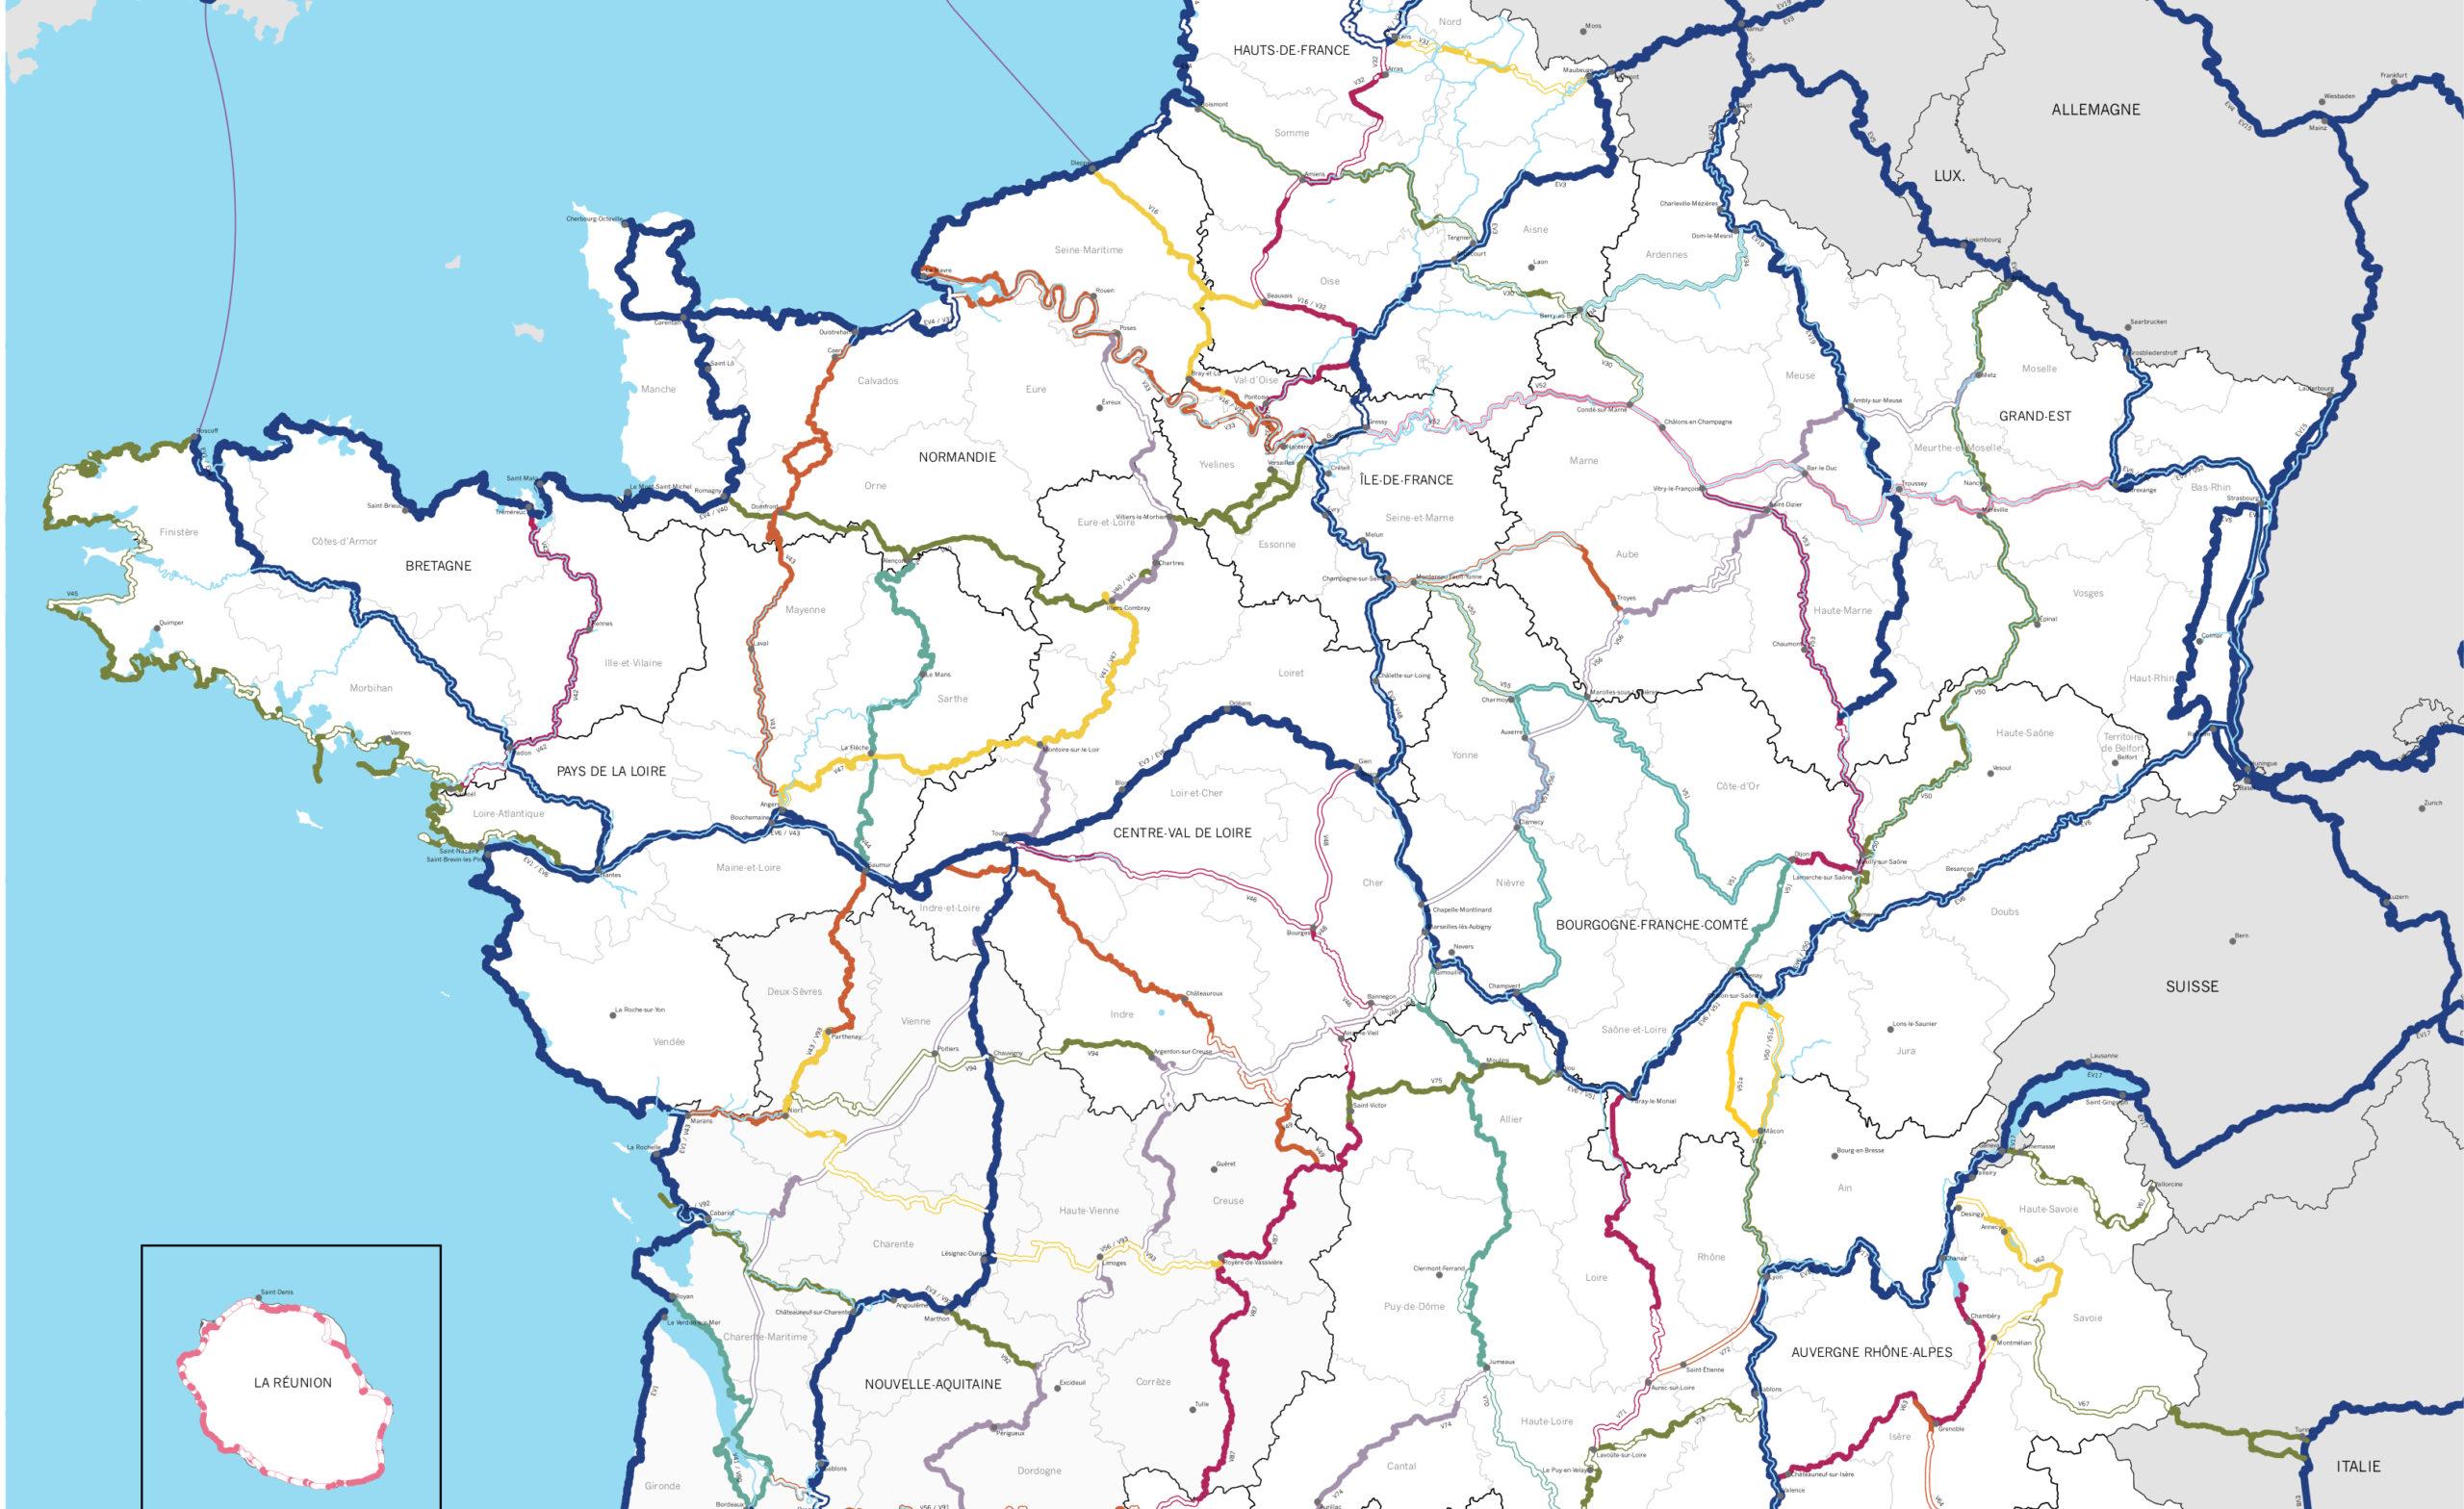 La carte du chéma national des véloroutes et voies vertes